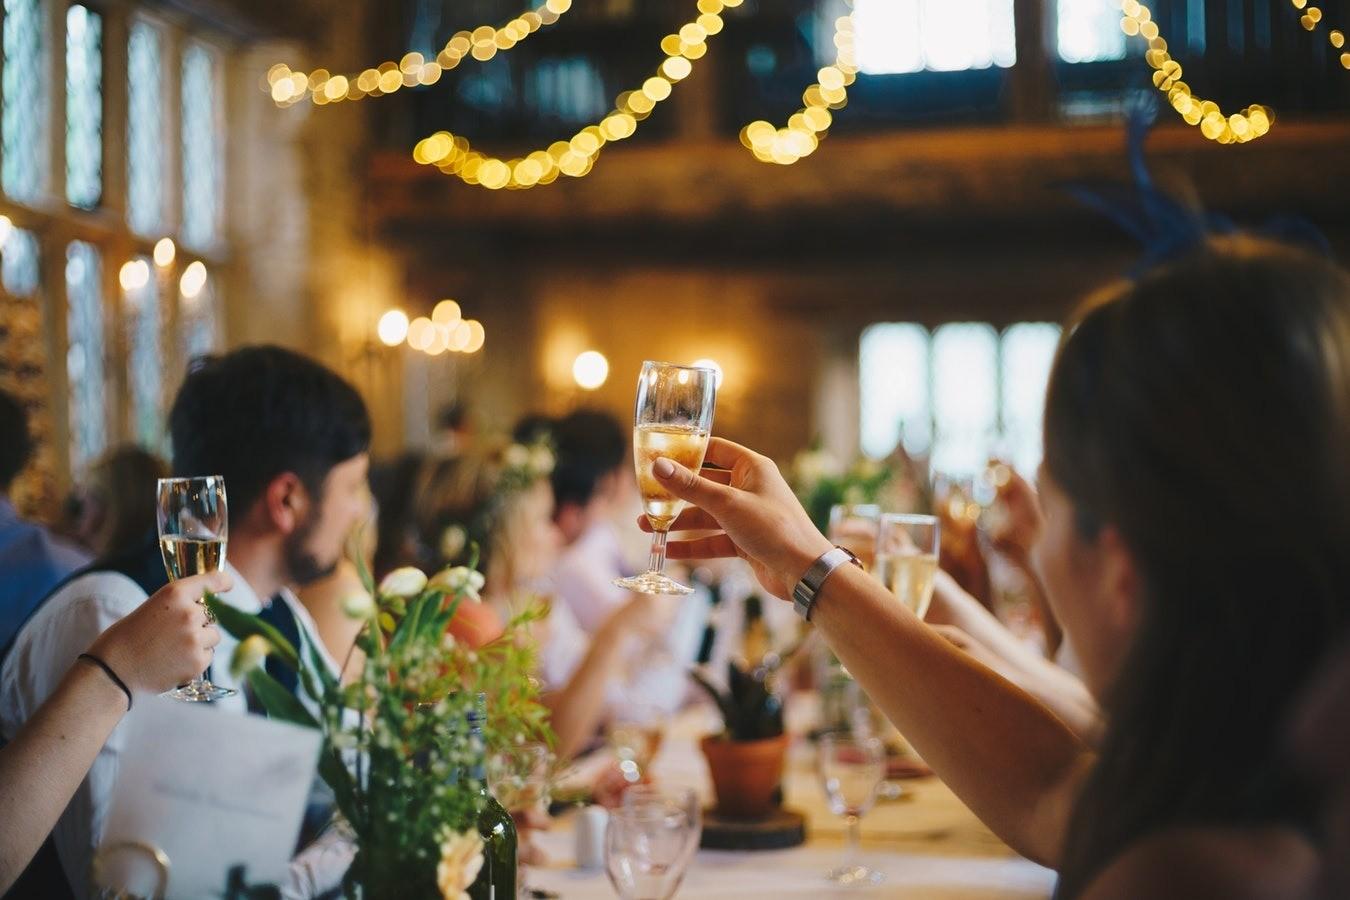 Что подарить на 10 лет свадьбы: подборка идей и советов